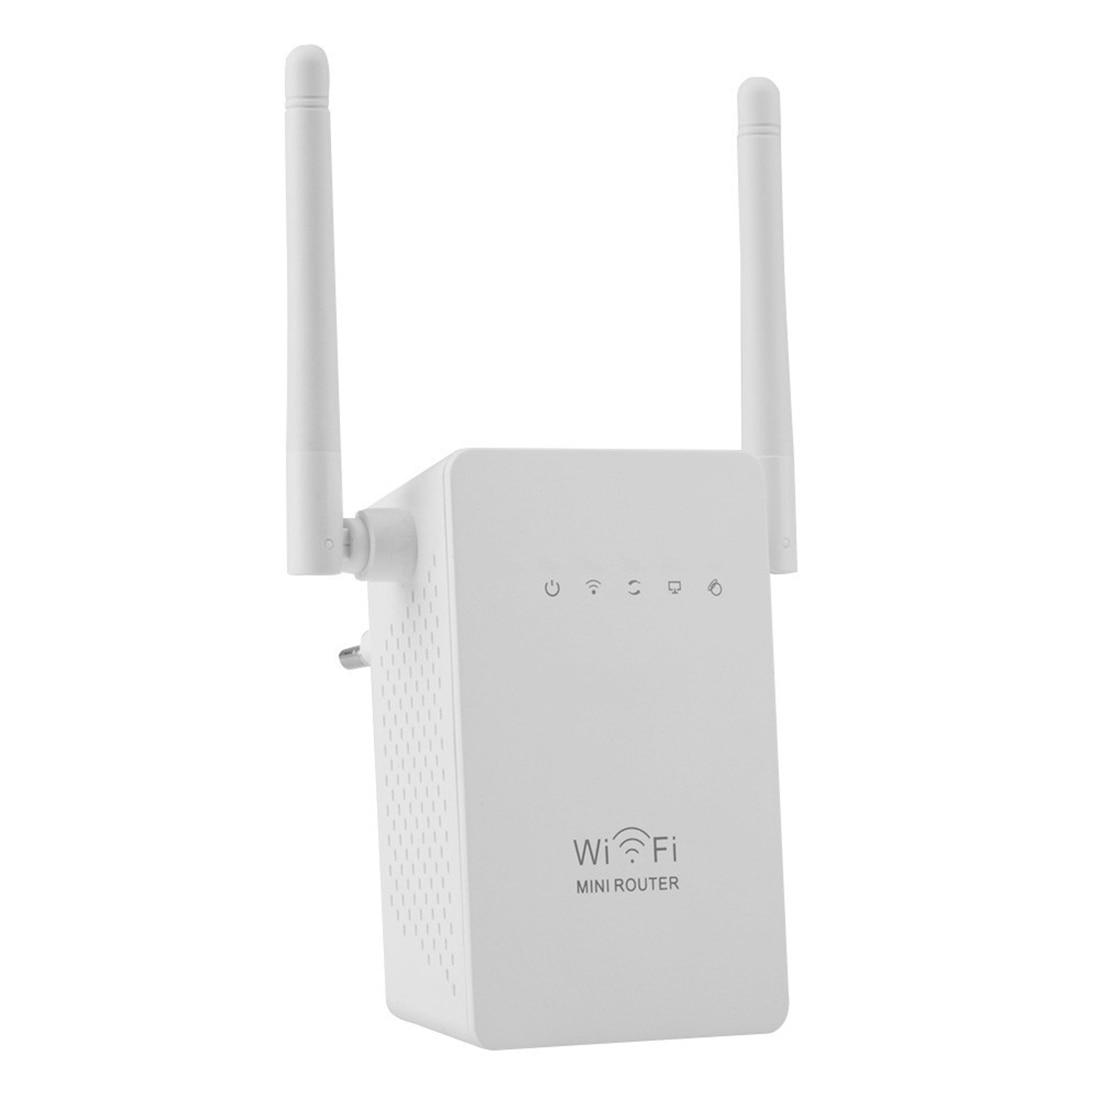 NOYOKERE Новий 300 Мбіт Wi-Fi Repeater Мережевий діапазон Extender Booster N300 Єдине збільшення двома зовнішніми антенами ЄС США Plug